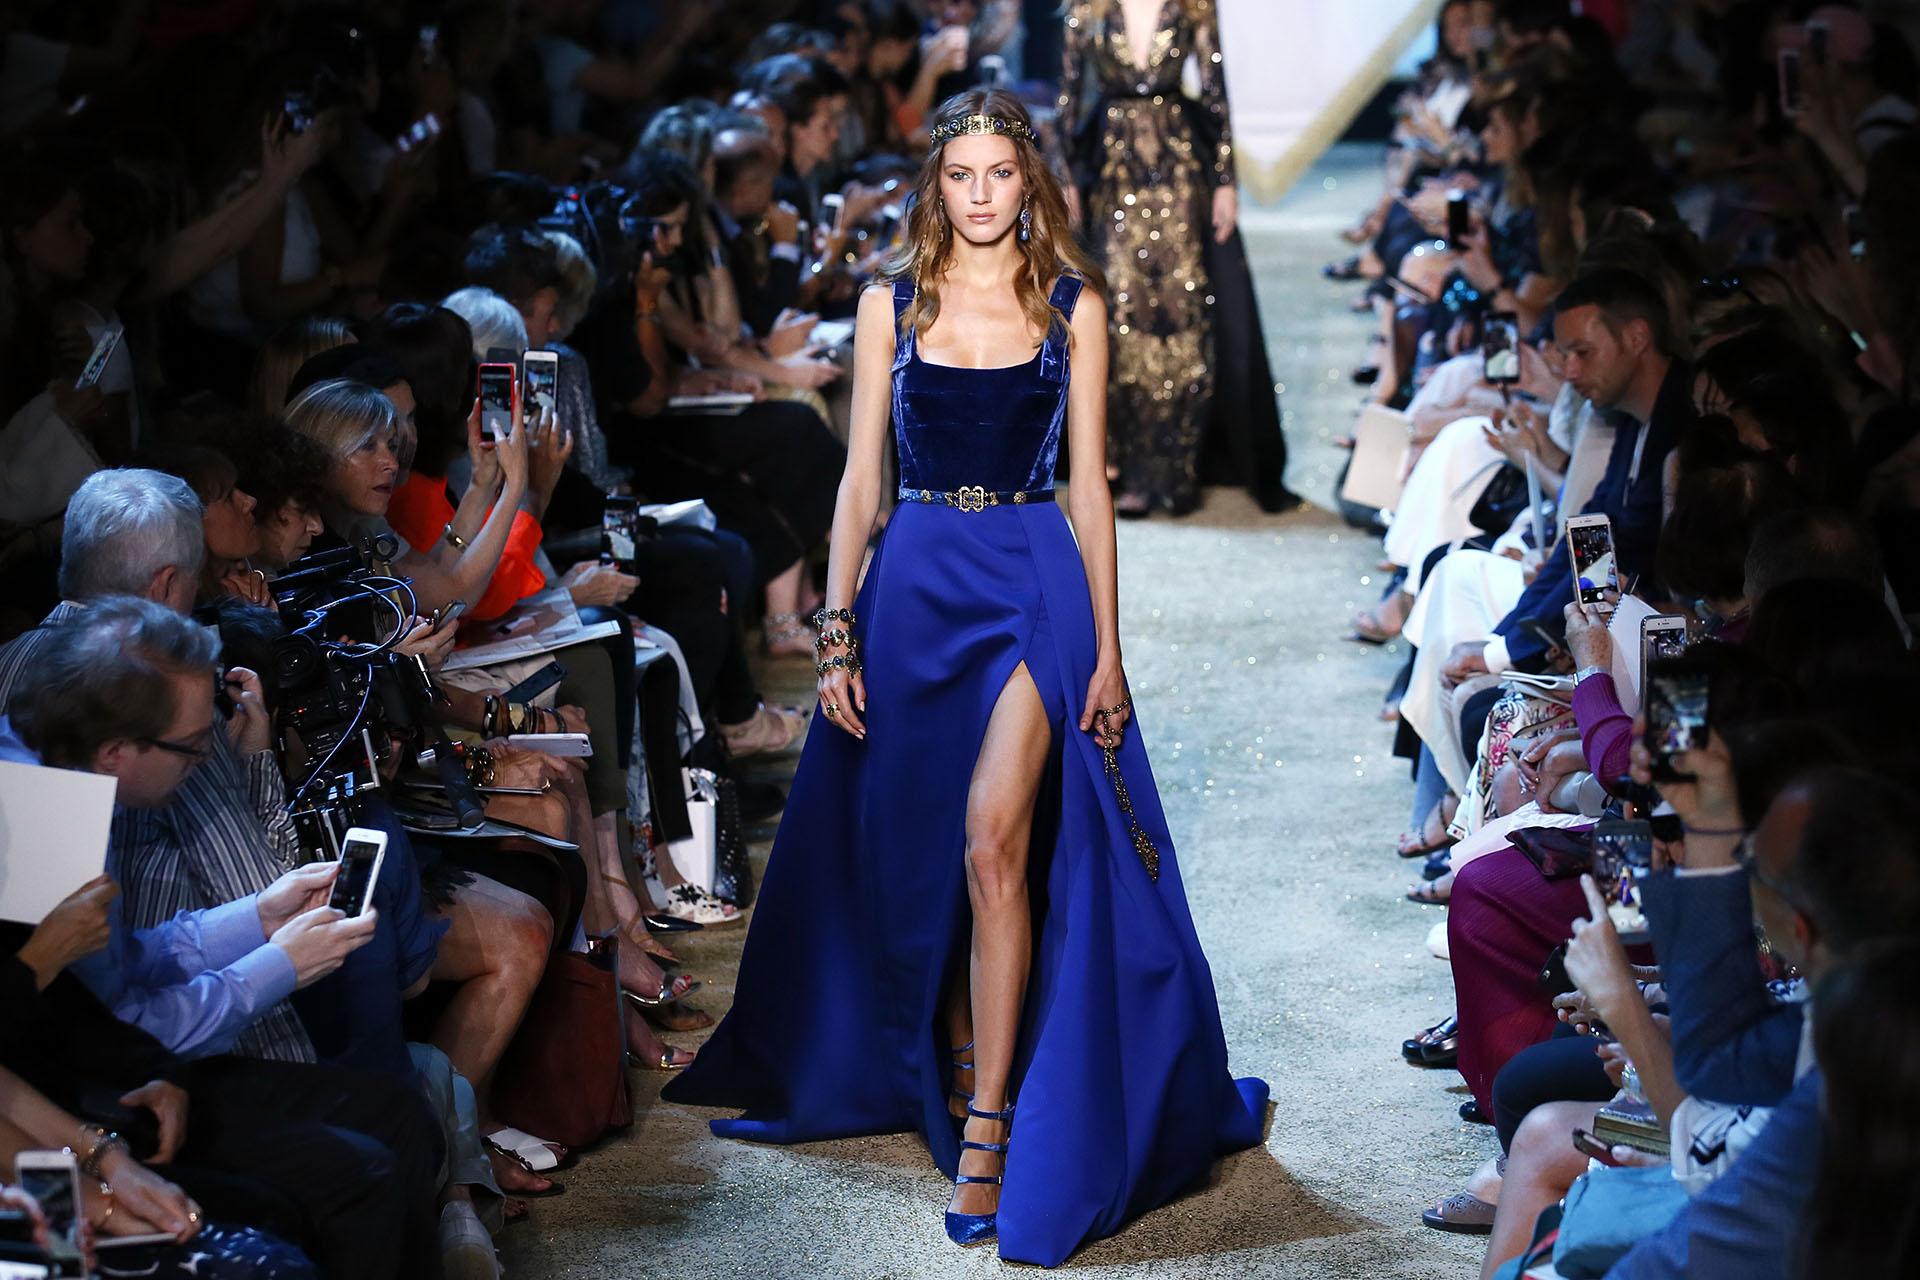 En azul francia, el top sin mangas de terciopelo, la falda con cola y un gran tajo con stilettos en punta y tiras (AP Photo/Francois Mori)